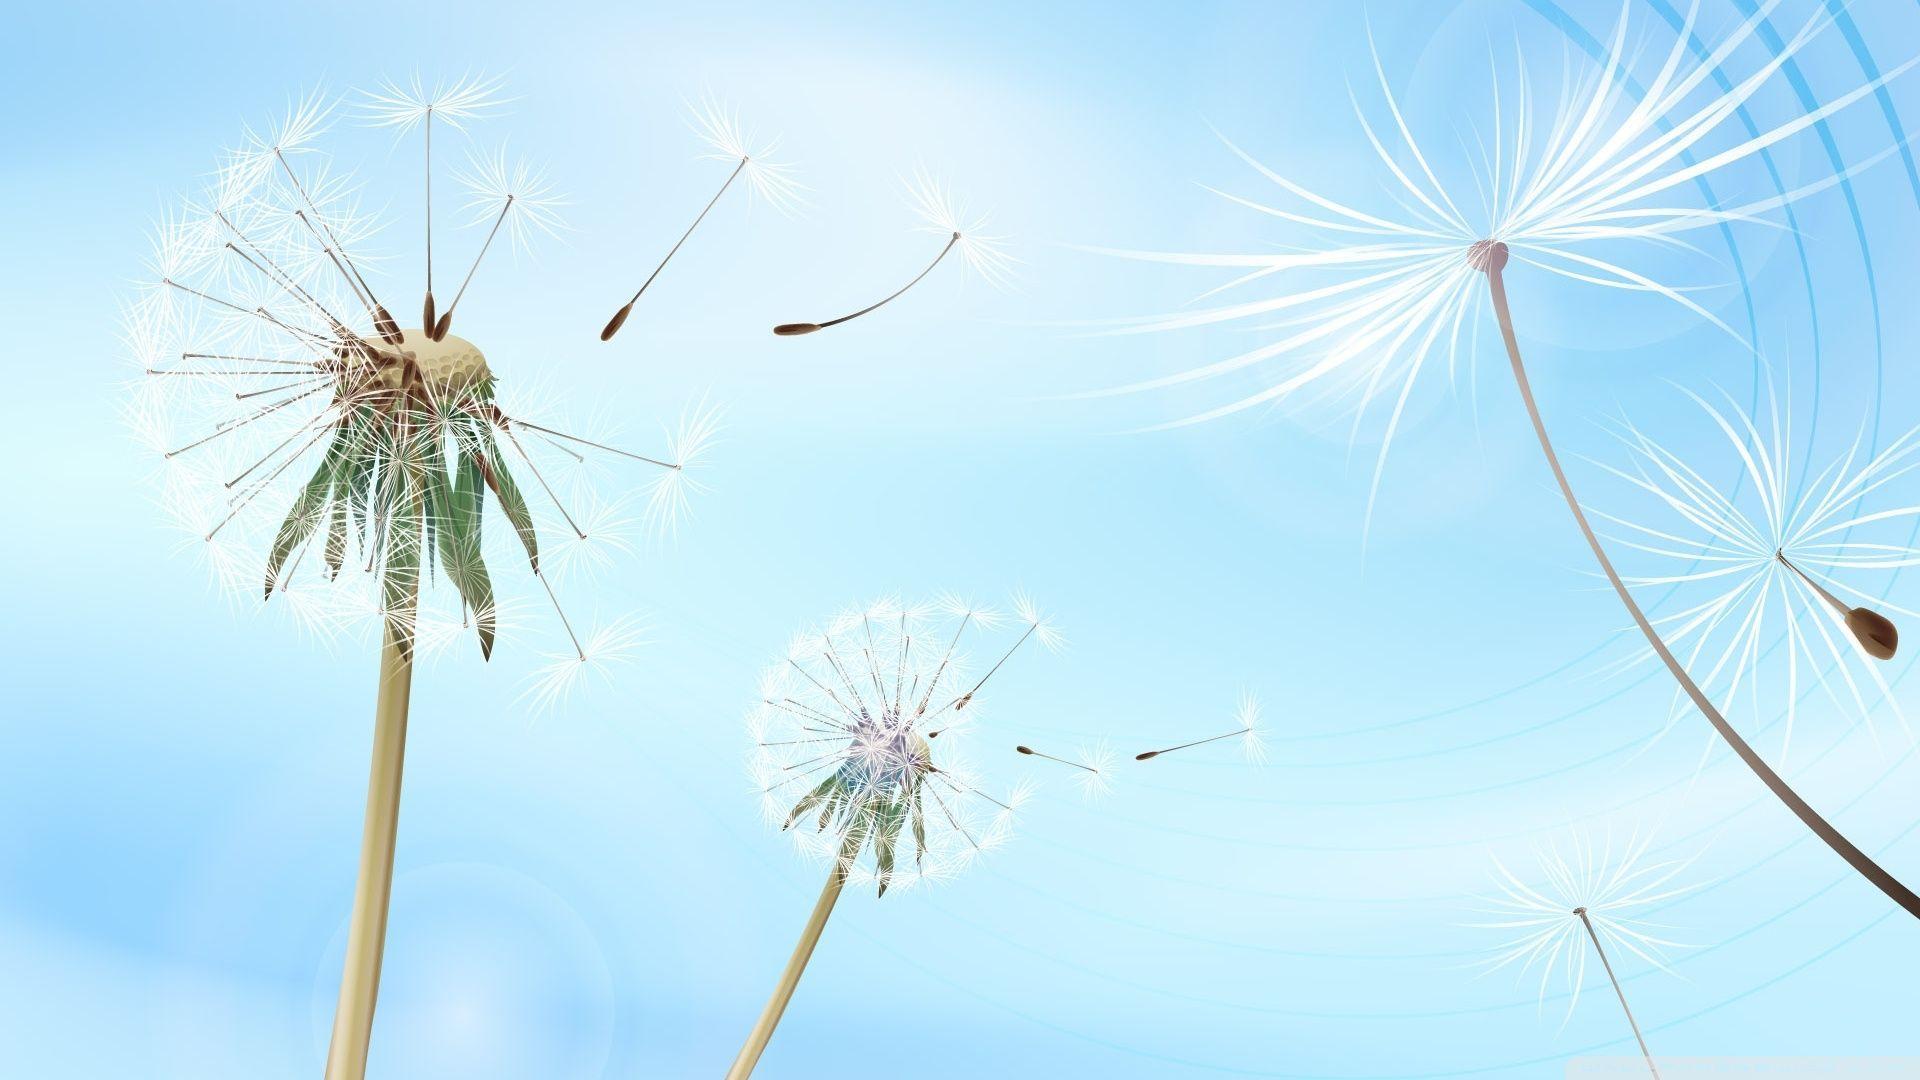 Dandelion Full HD Wallpaper